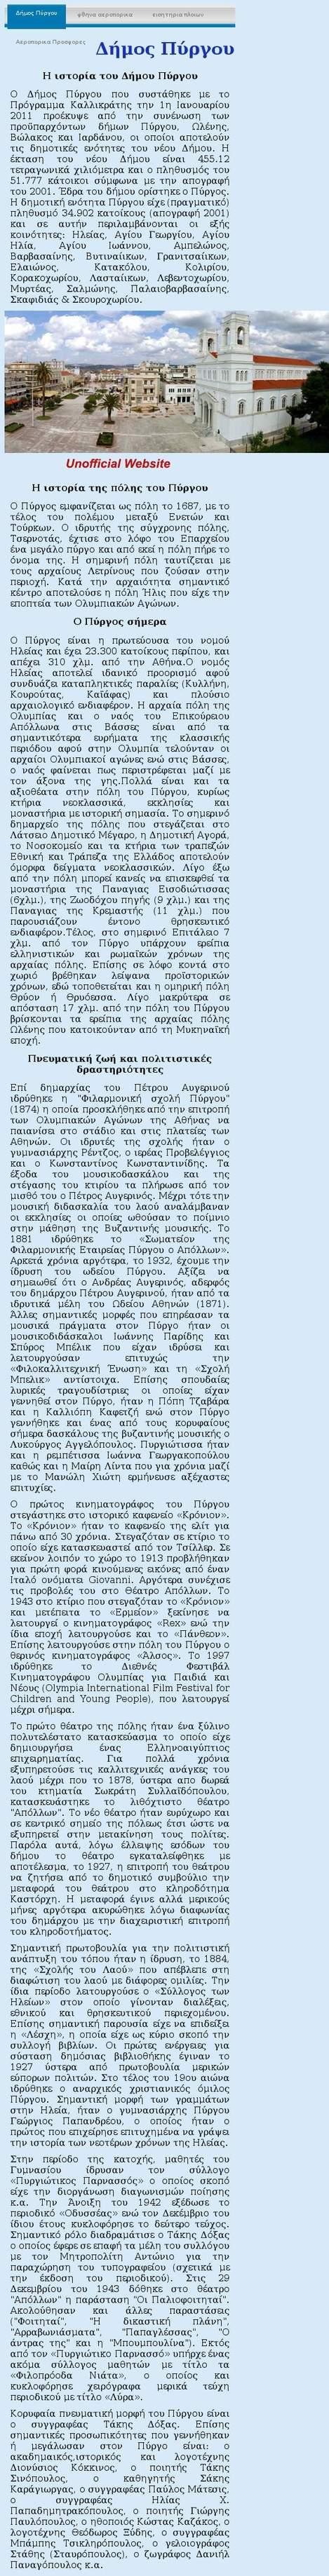 ΔΗΜΑΡΧΕΙΟ ΠΥΡΓΟΥ